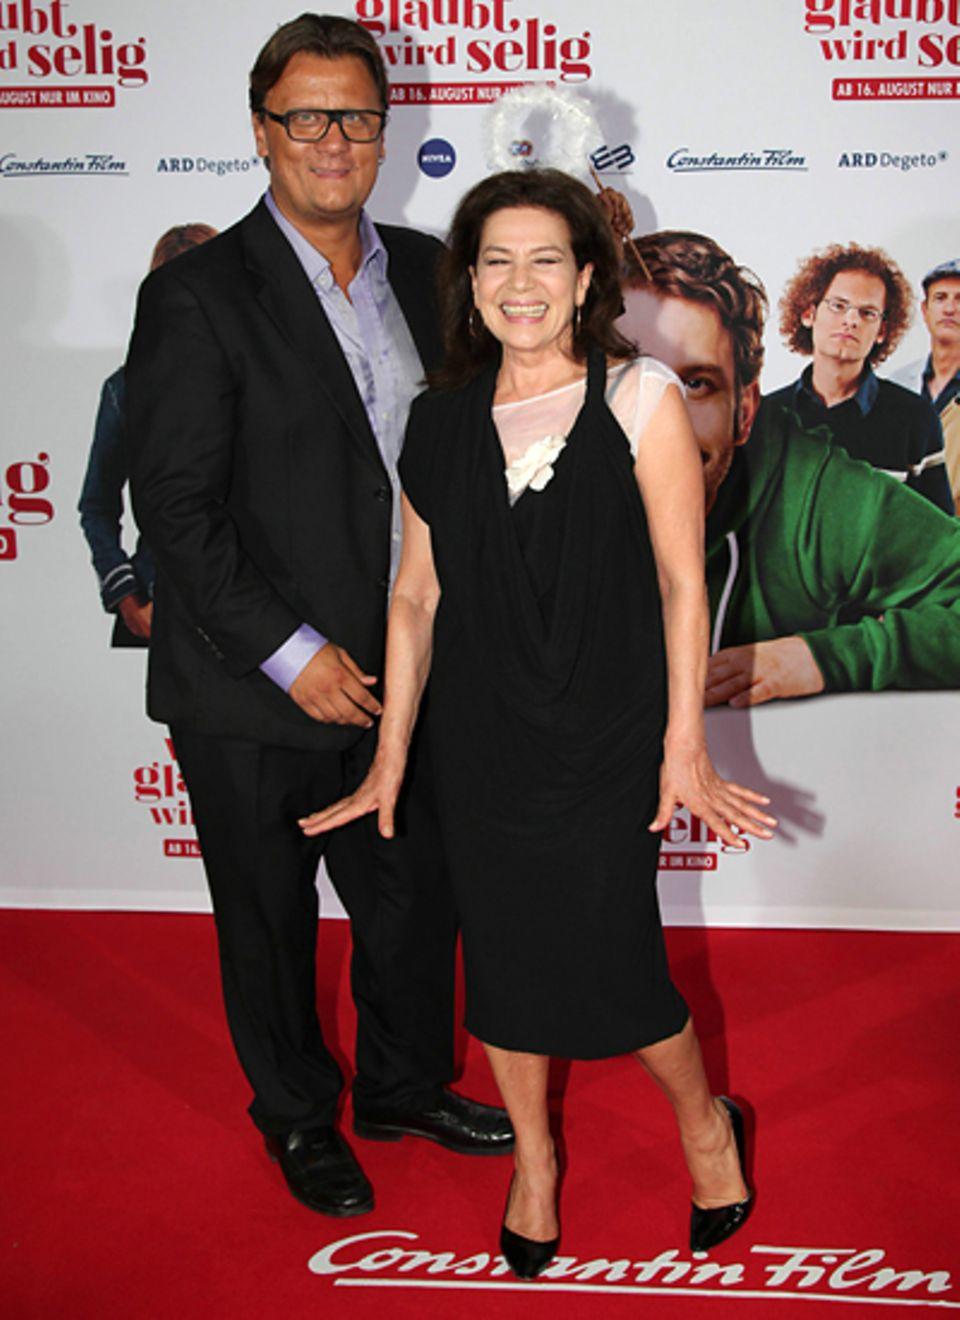 """Wer's glaubt wird selig: Hannelore Elsner spielt in dem Film die Rolle der """"Daisy"""". Hier ist sie an der Seite von Torsten Koch v"""